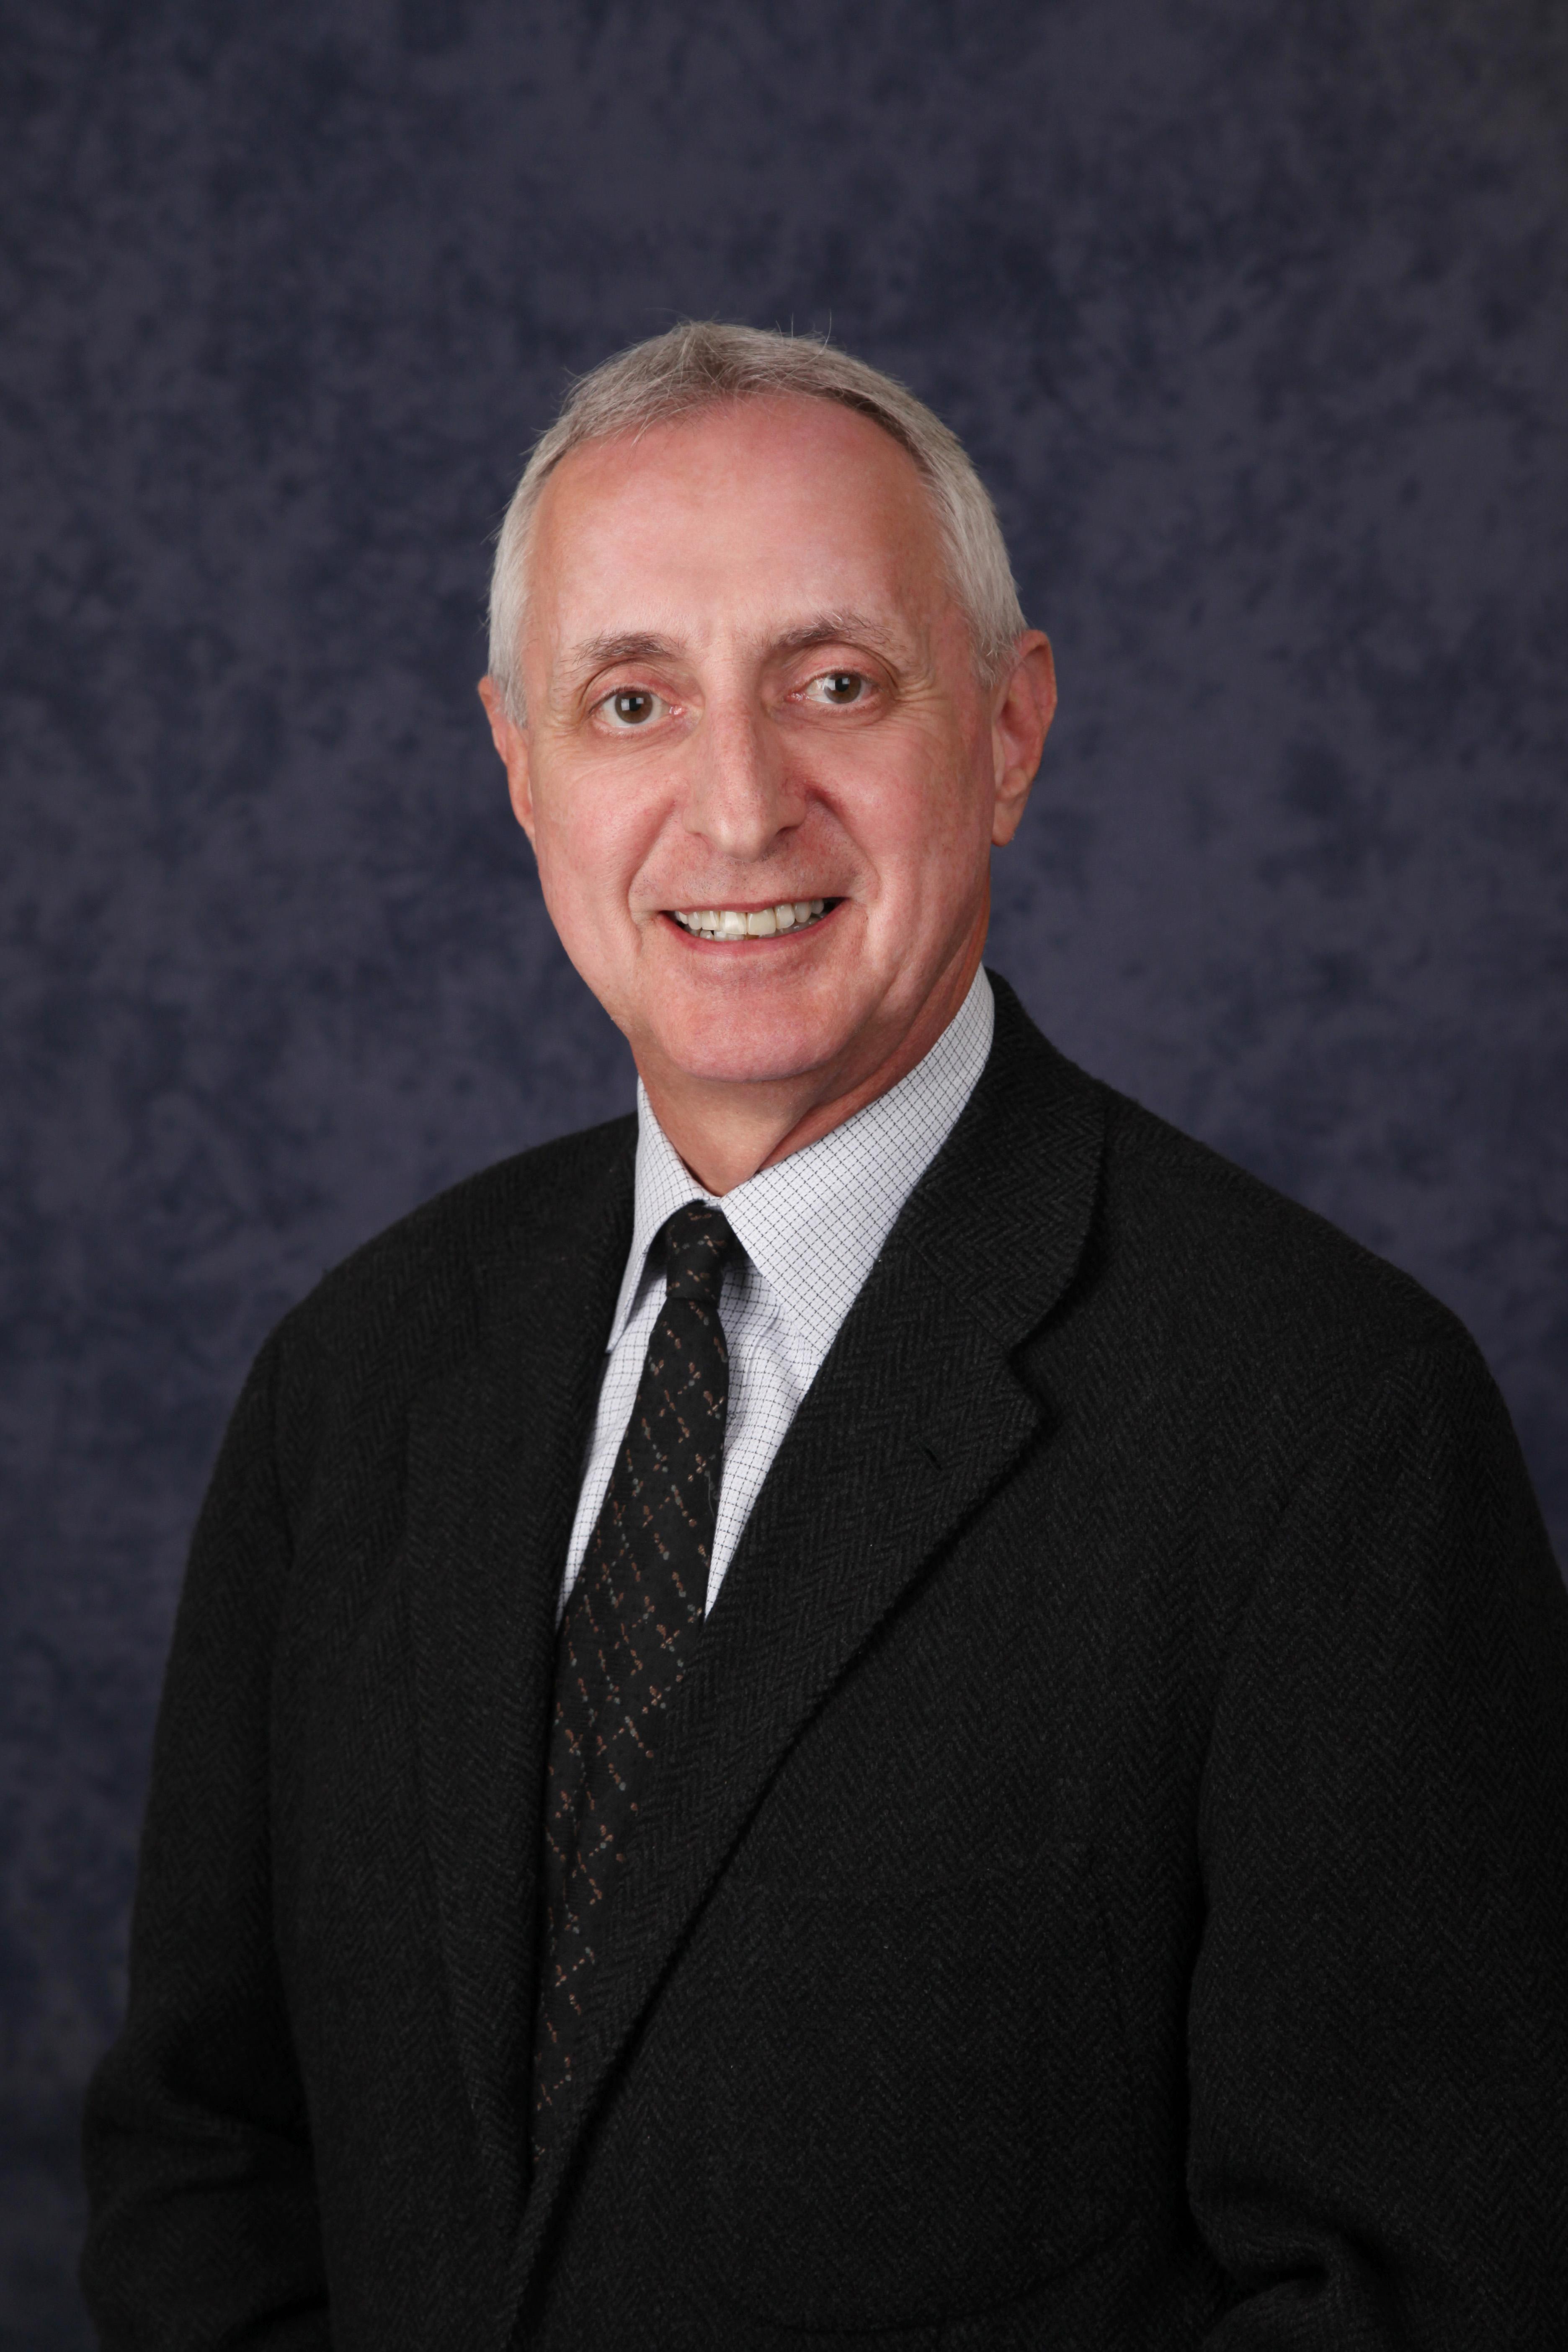 Dr. Paul M. Papoff MD FRCSC